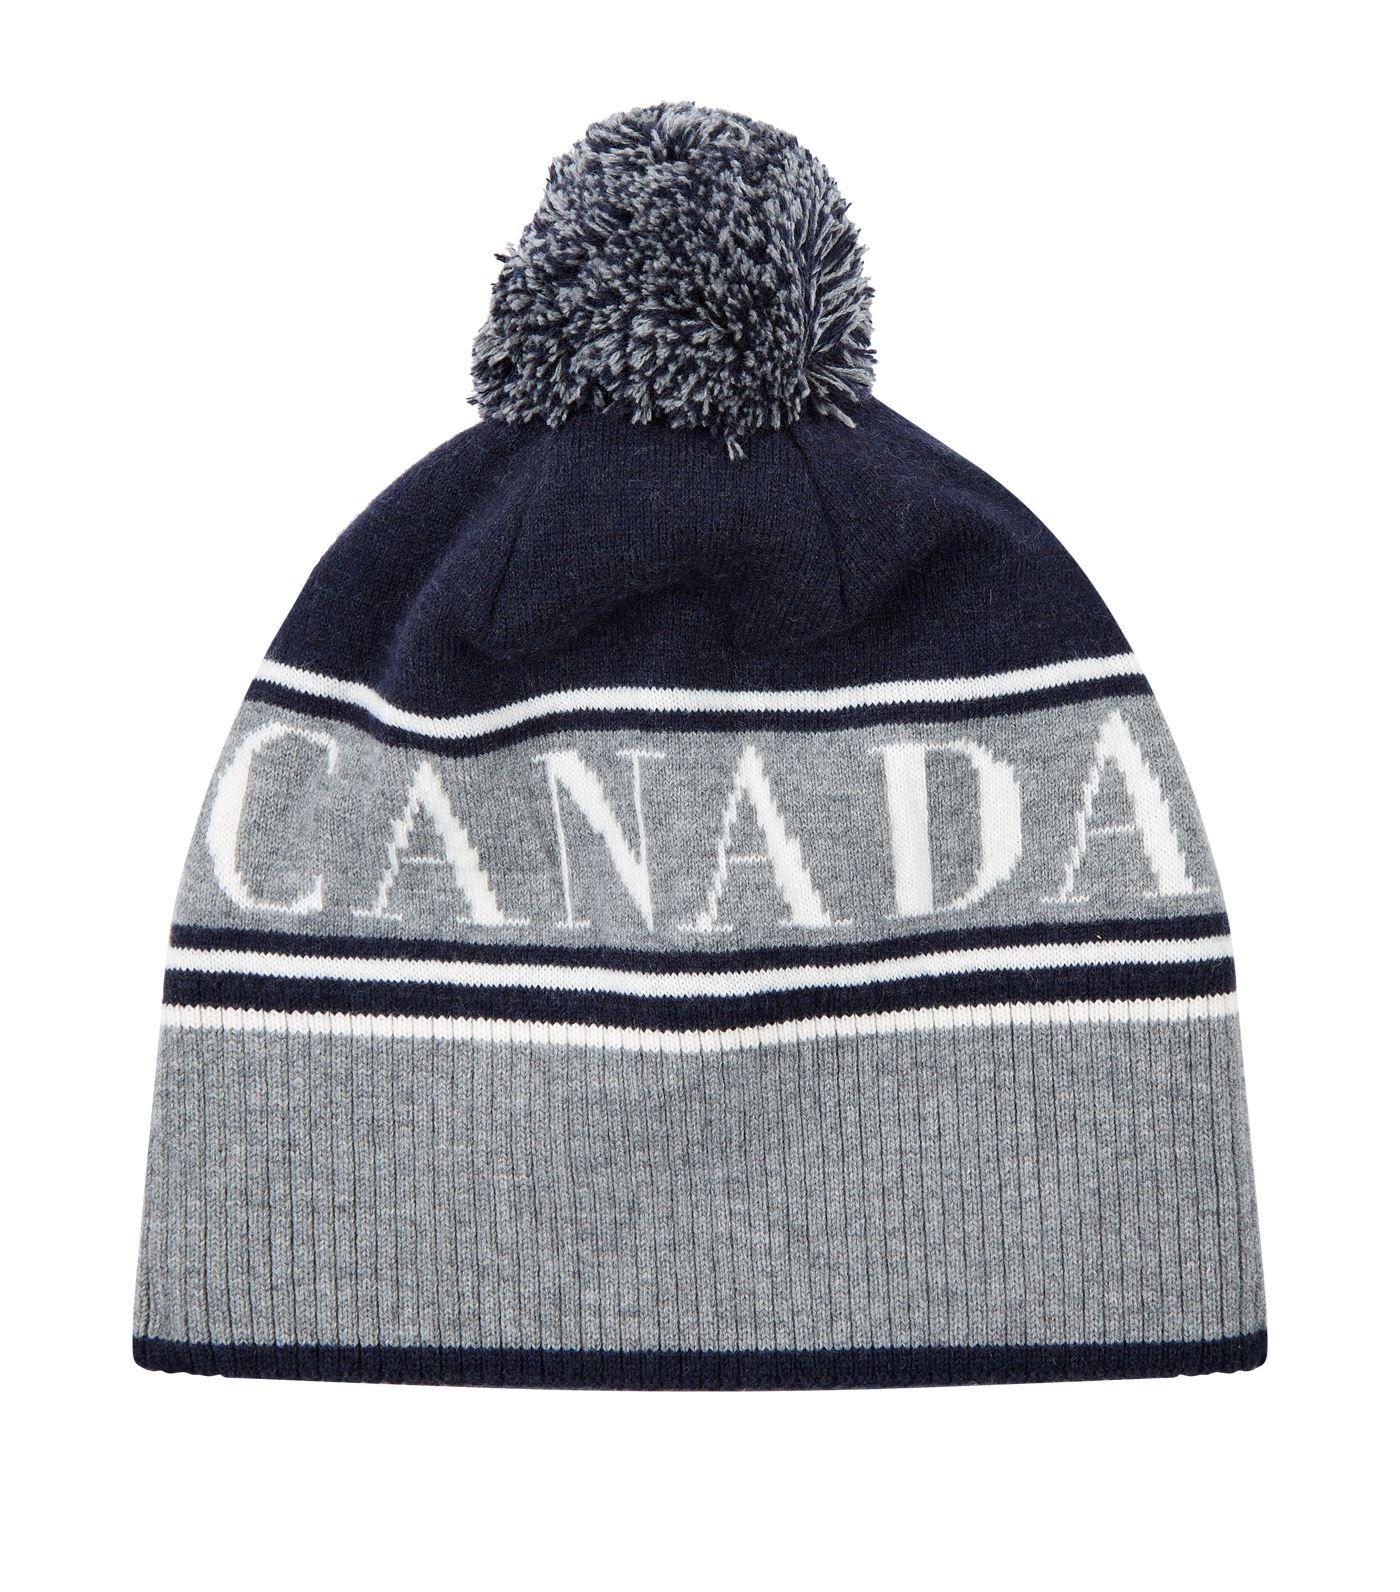 9d9cacccafe CANADA GOOSE LOGO POM POM BEANIE HAT.  canadagoose